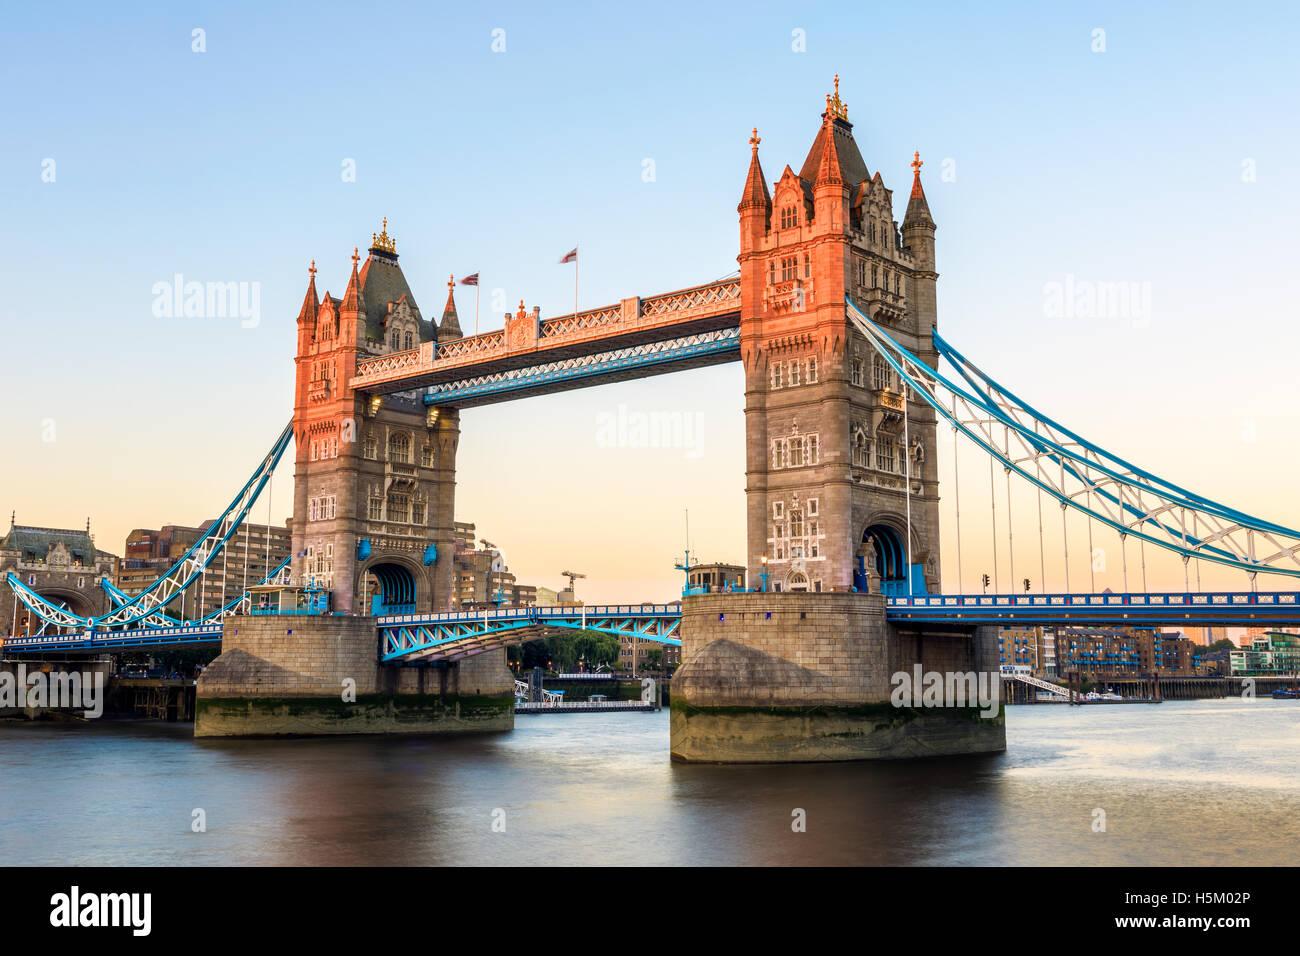 Tower Bridge à Londres au coucher du soleil, l'ajout d'un voyant orange sur une partie du pont Photo Stock